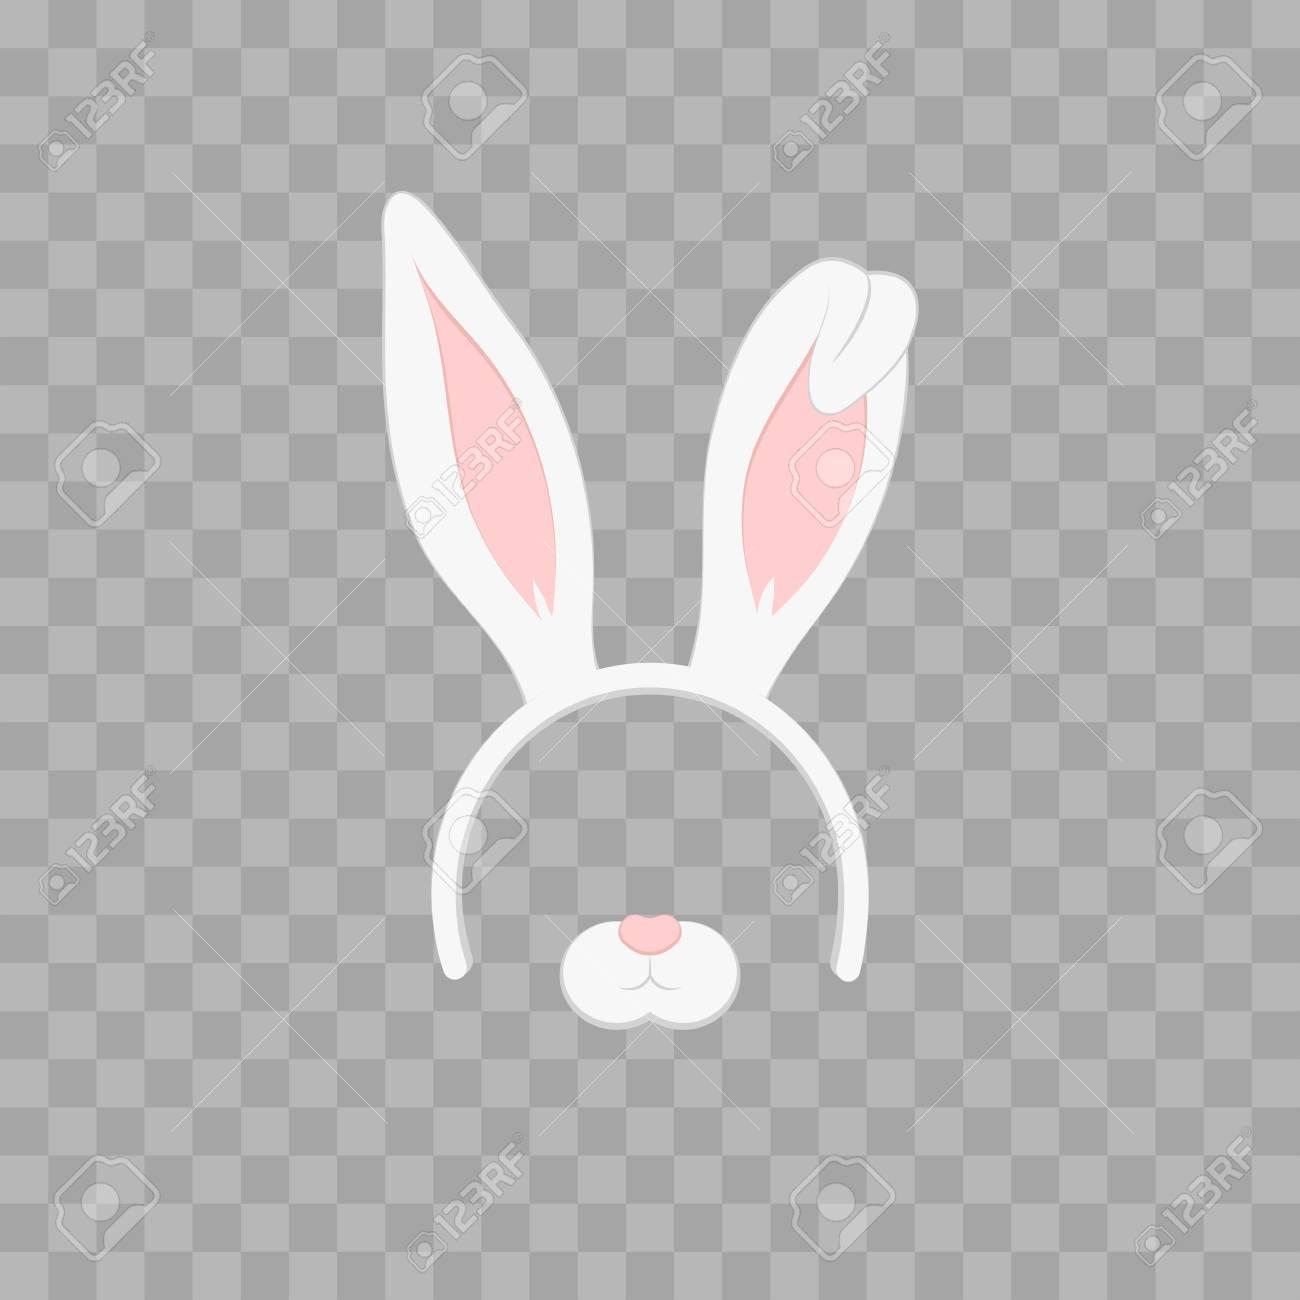 ウサギの耳透明で分離されたイースター マスク チェック模様ベクトル